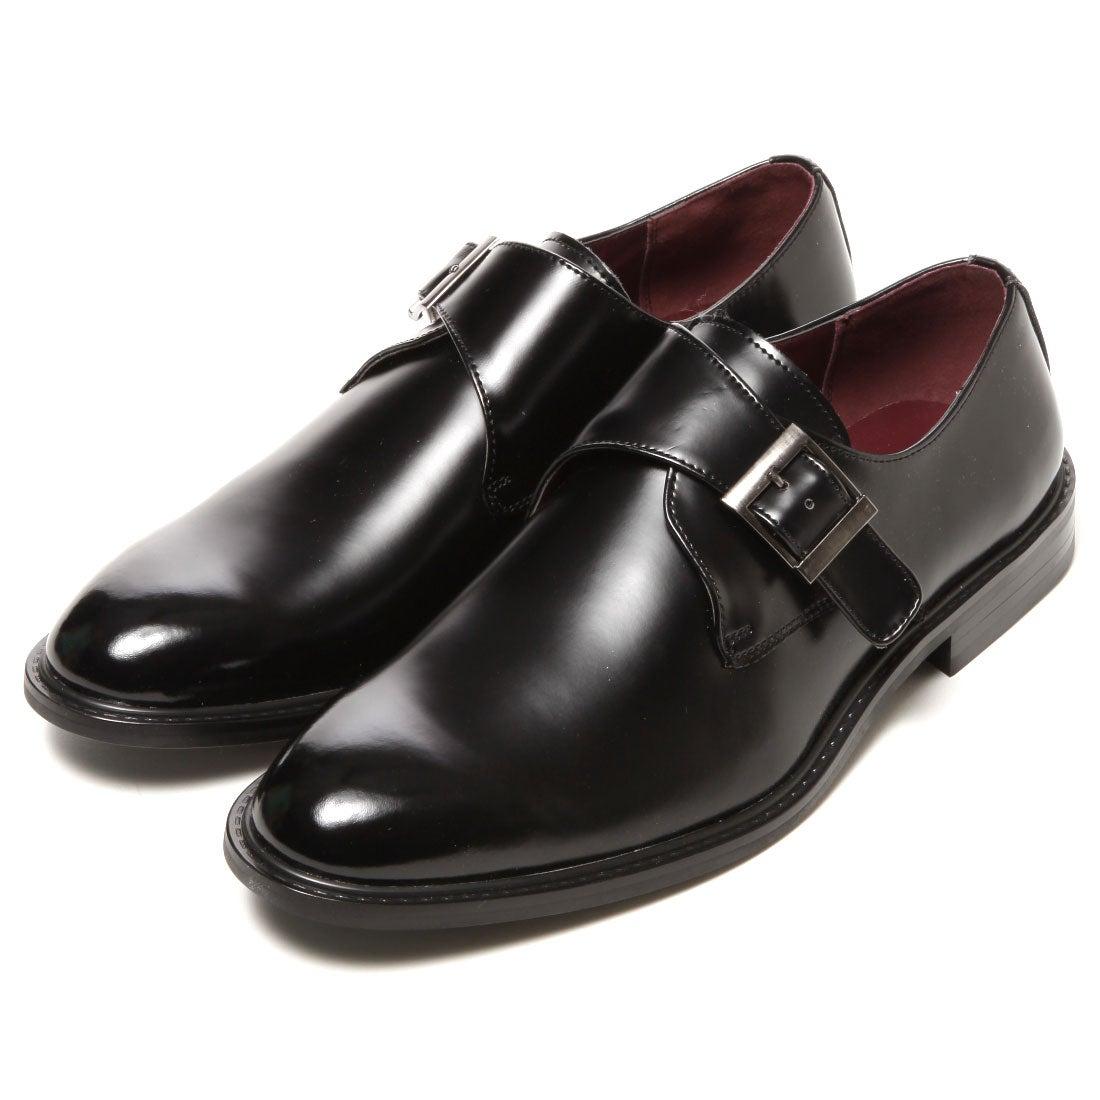 靴とファッションの通販サイト ... : 靴下 シューズ : 靴下